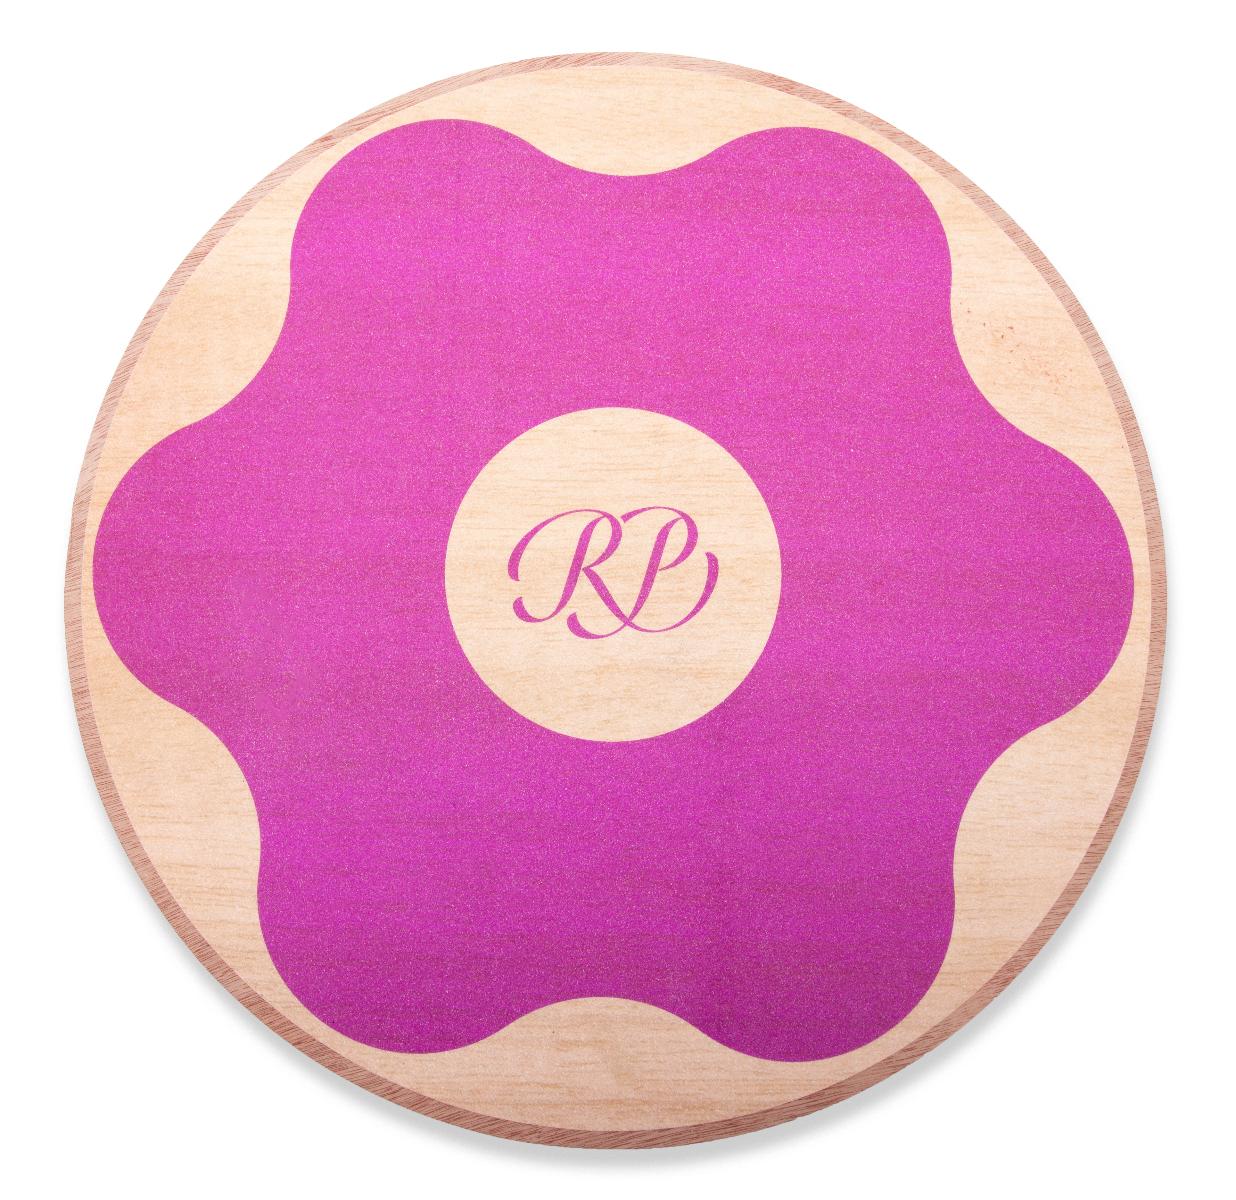 RP Balance Board